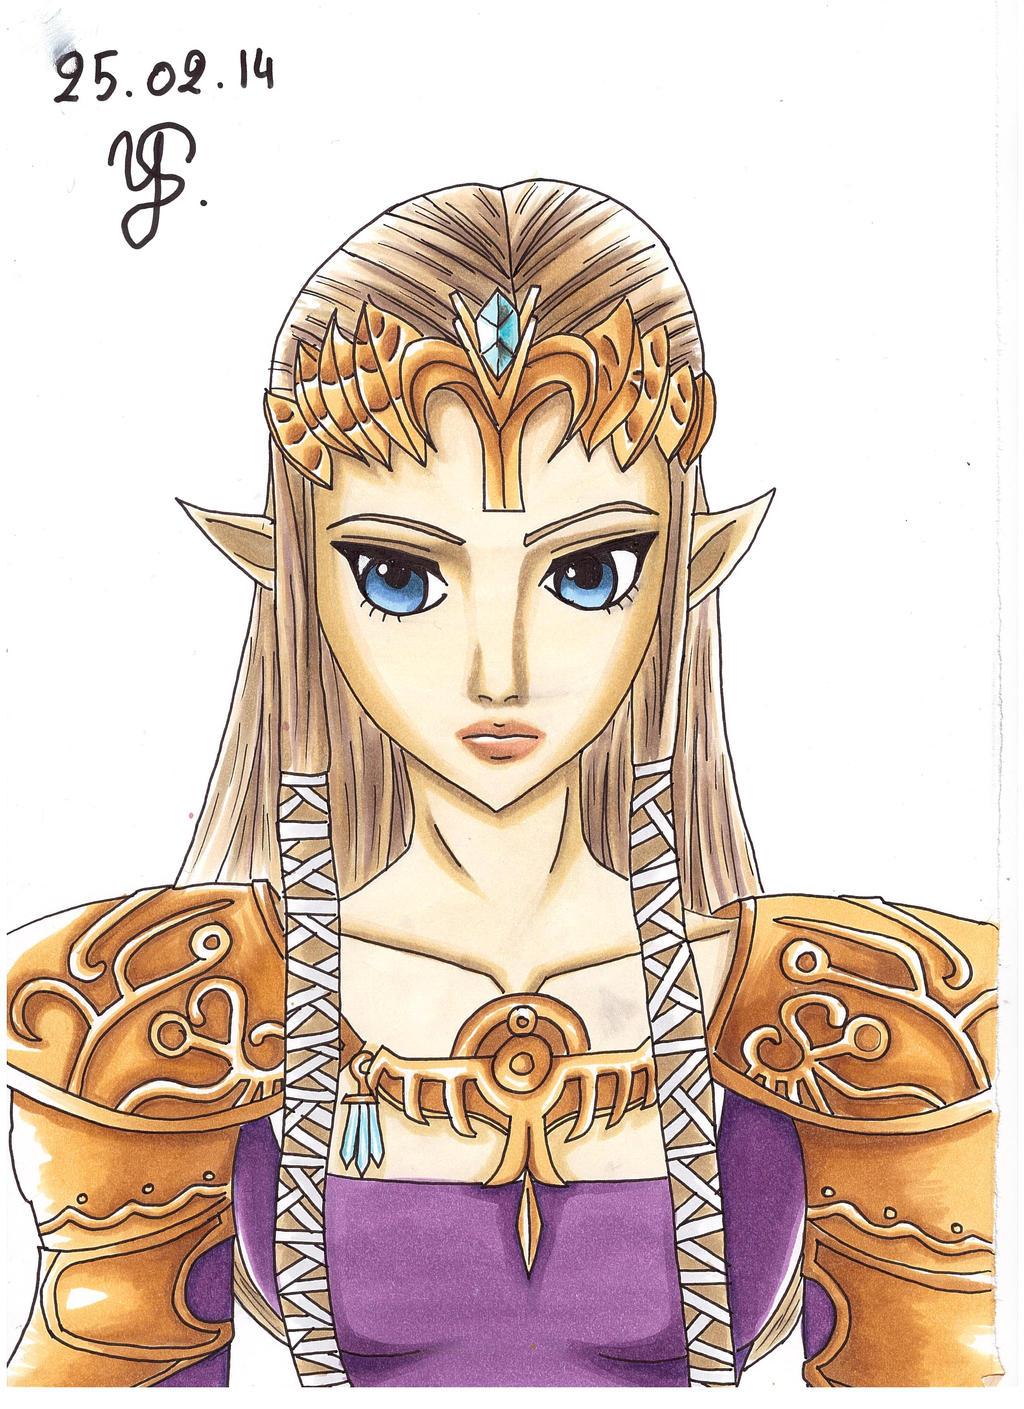 Princess Zelda Portrait - Colored version by YuukoScarlet